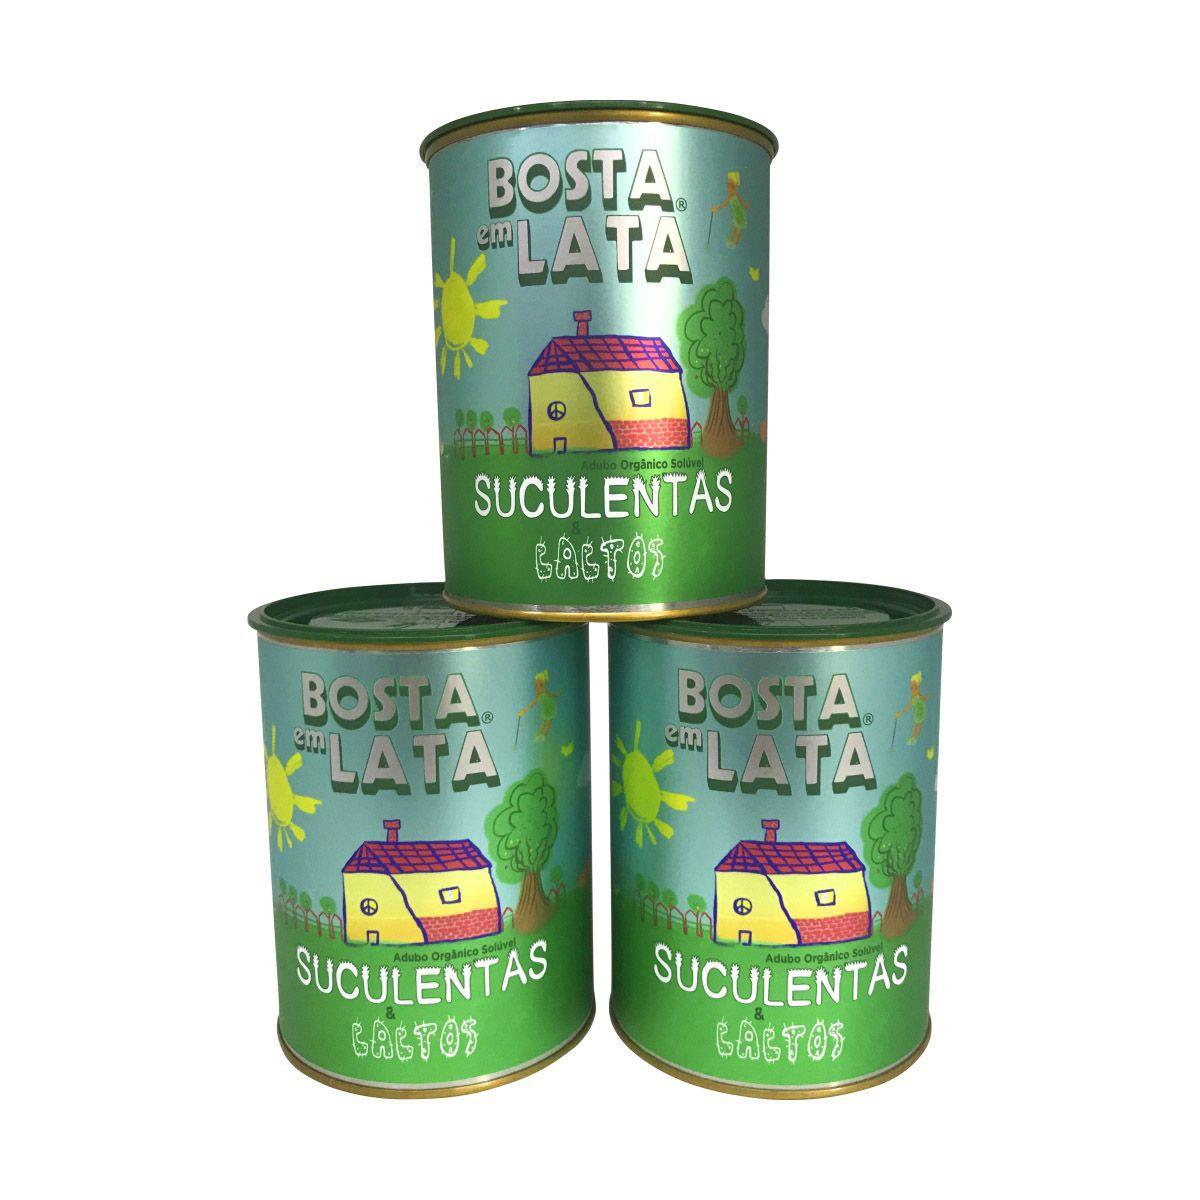 Kit 3 latas de Adubo Orgânico Bosta em Lata para Suculentas e Cactos 400g